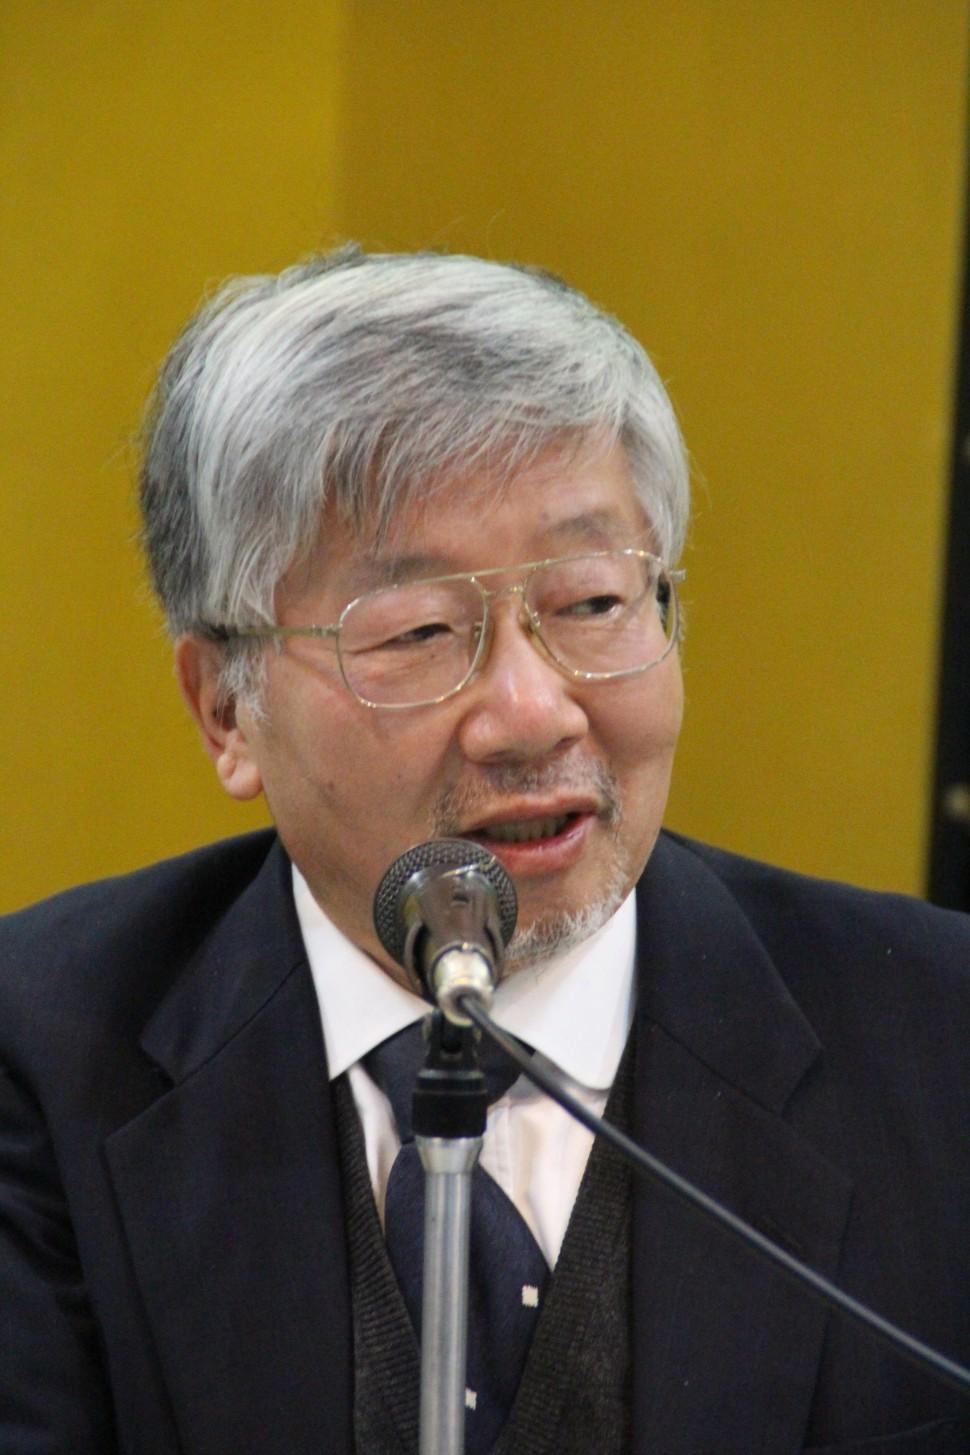 ゴム産業の展望について述べる藤井会長